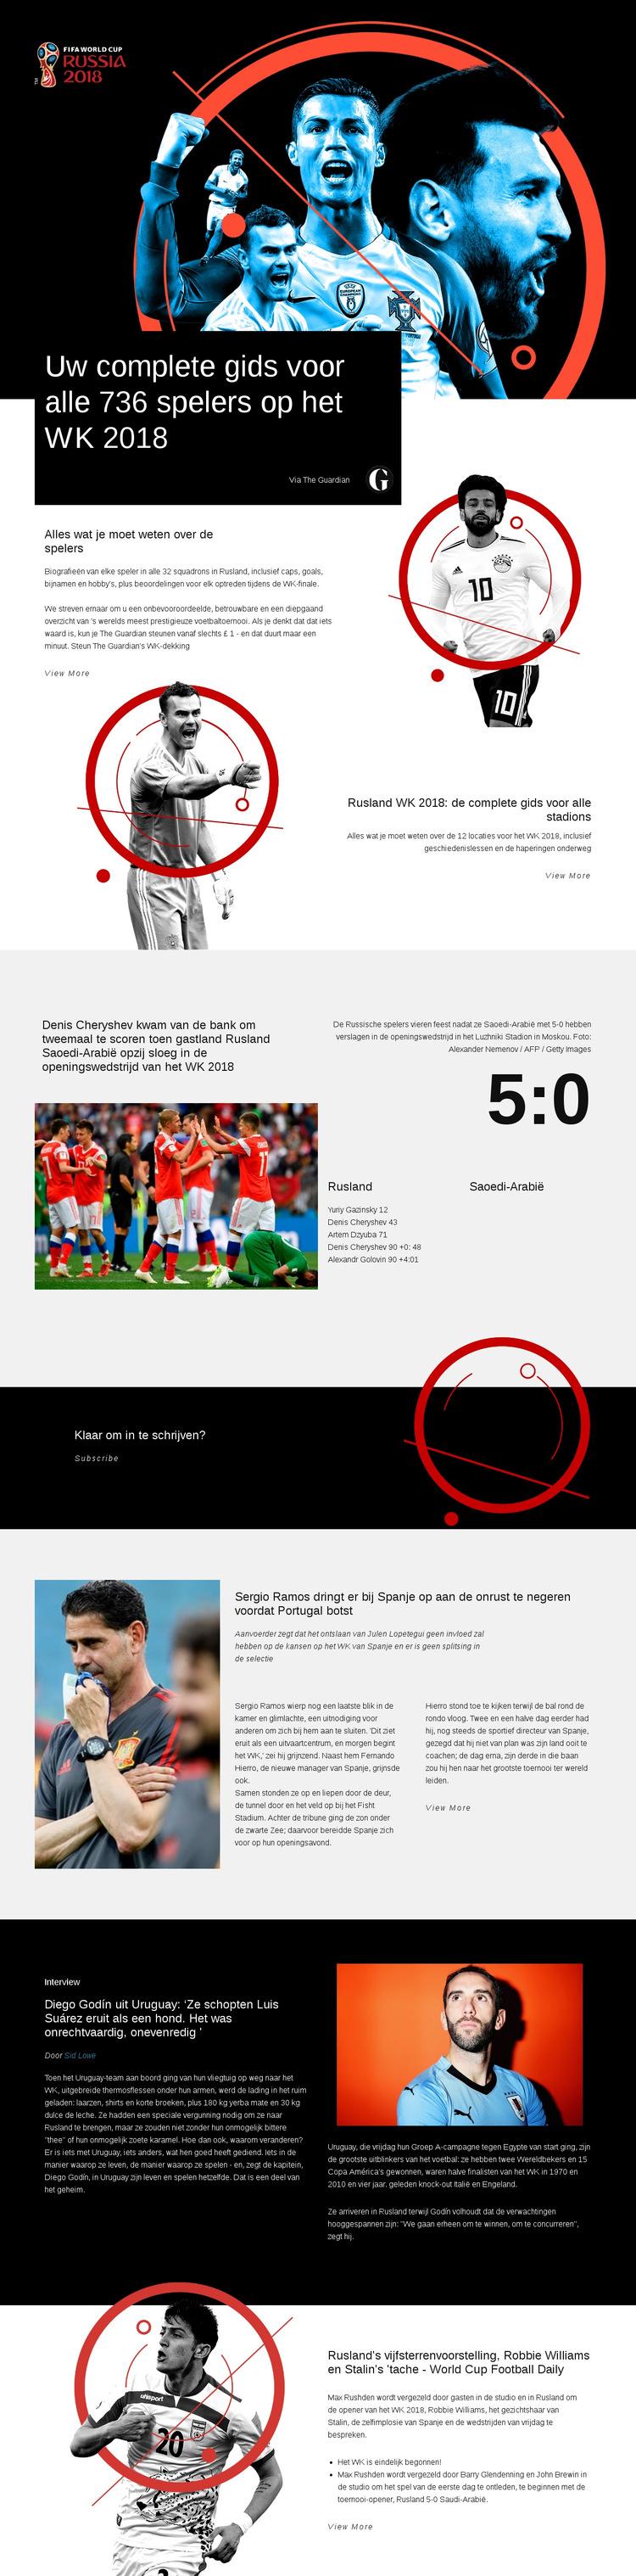 WK 2018 Website sjabloon